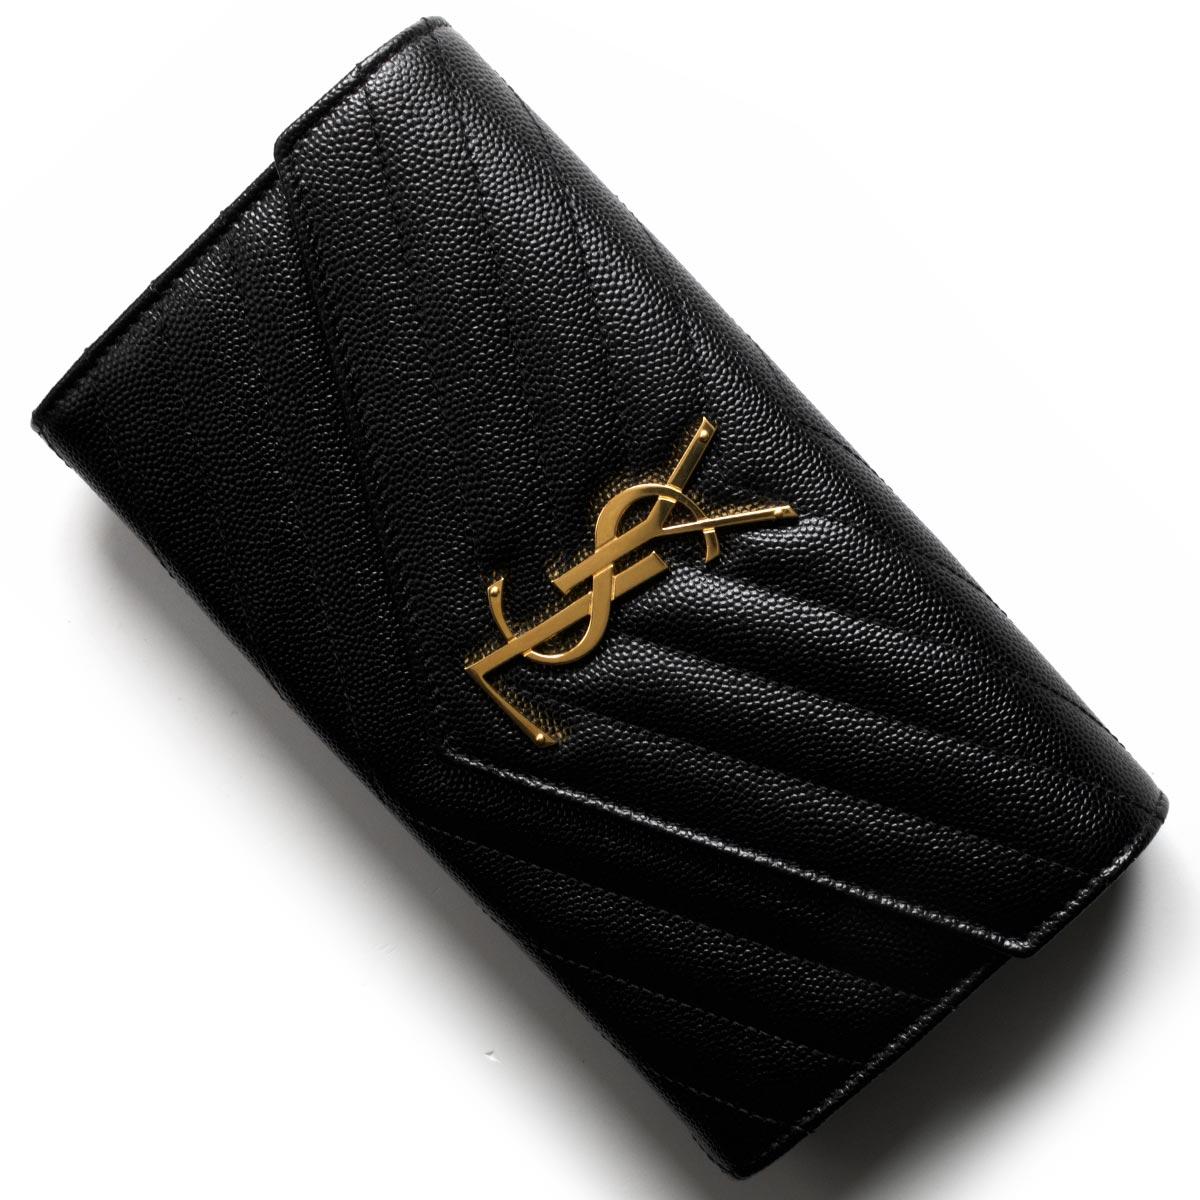 サンローランパリ イヴサンローラン 財布 長財布 財布 レディース モノグラム YSL ブラック 372264 BOW01 1000 SAINT LAURENT PARIS バーゲン